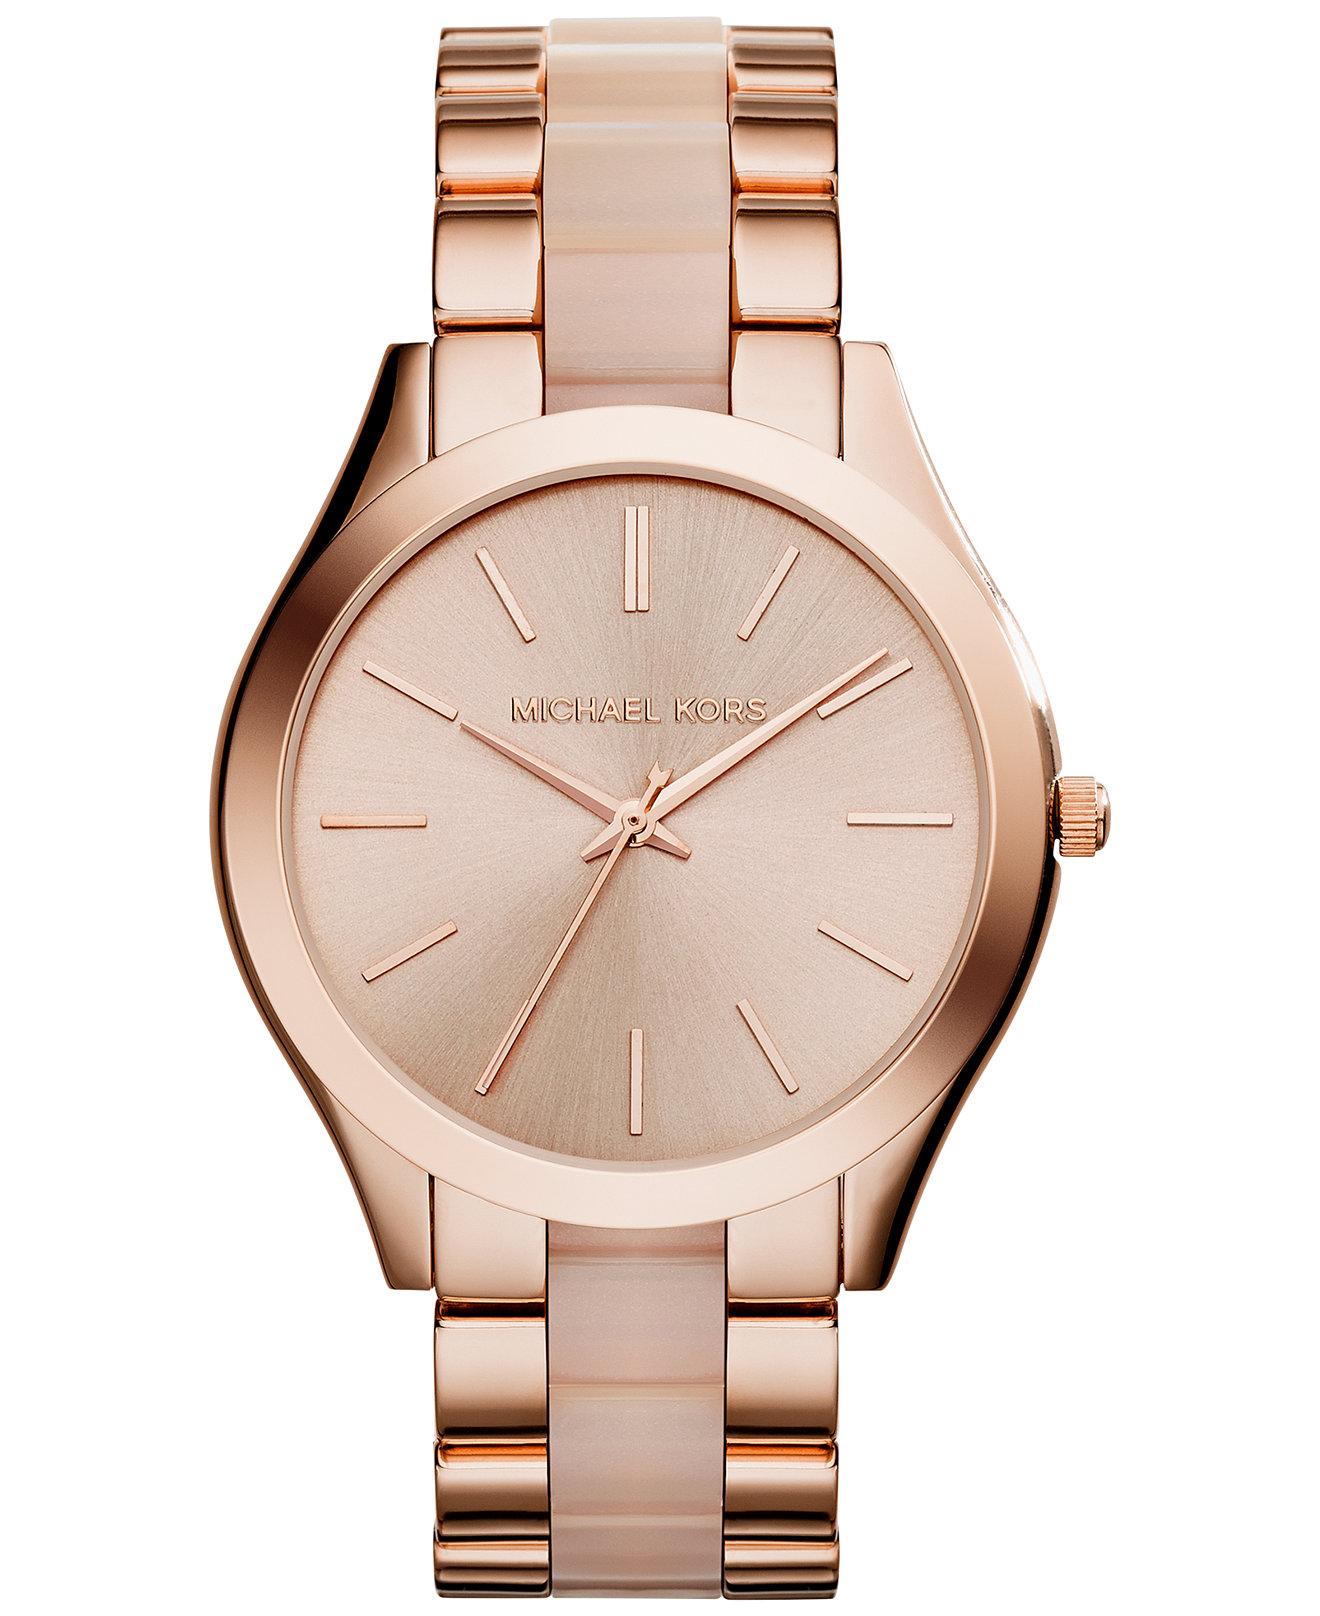 Michael Kors Slim Runway Ladies Watch | Rose Gold Tone | Acetate Bracelet | MK4294